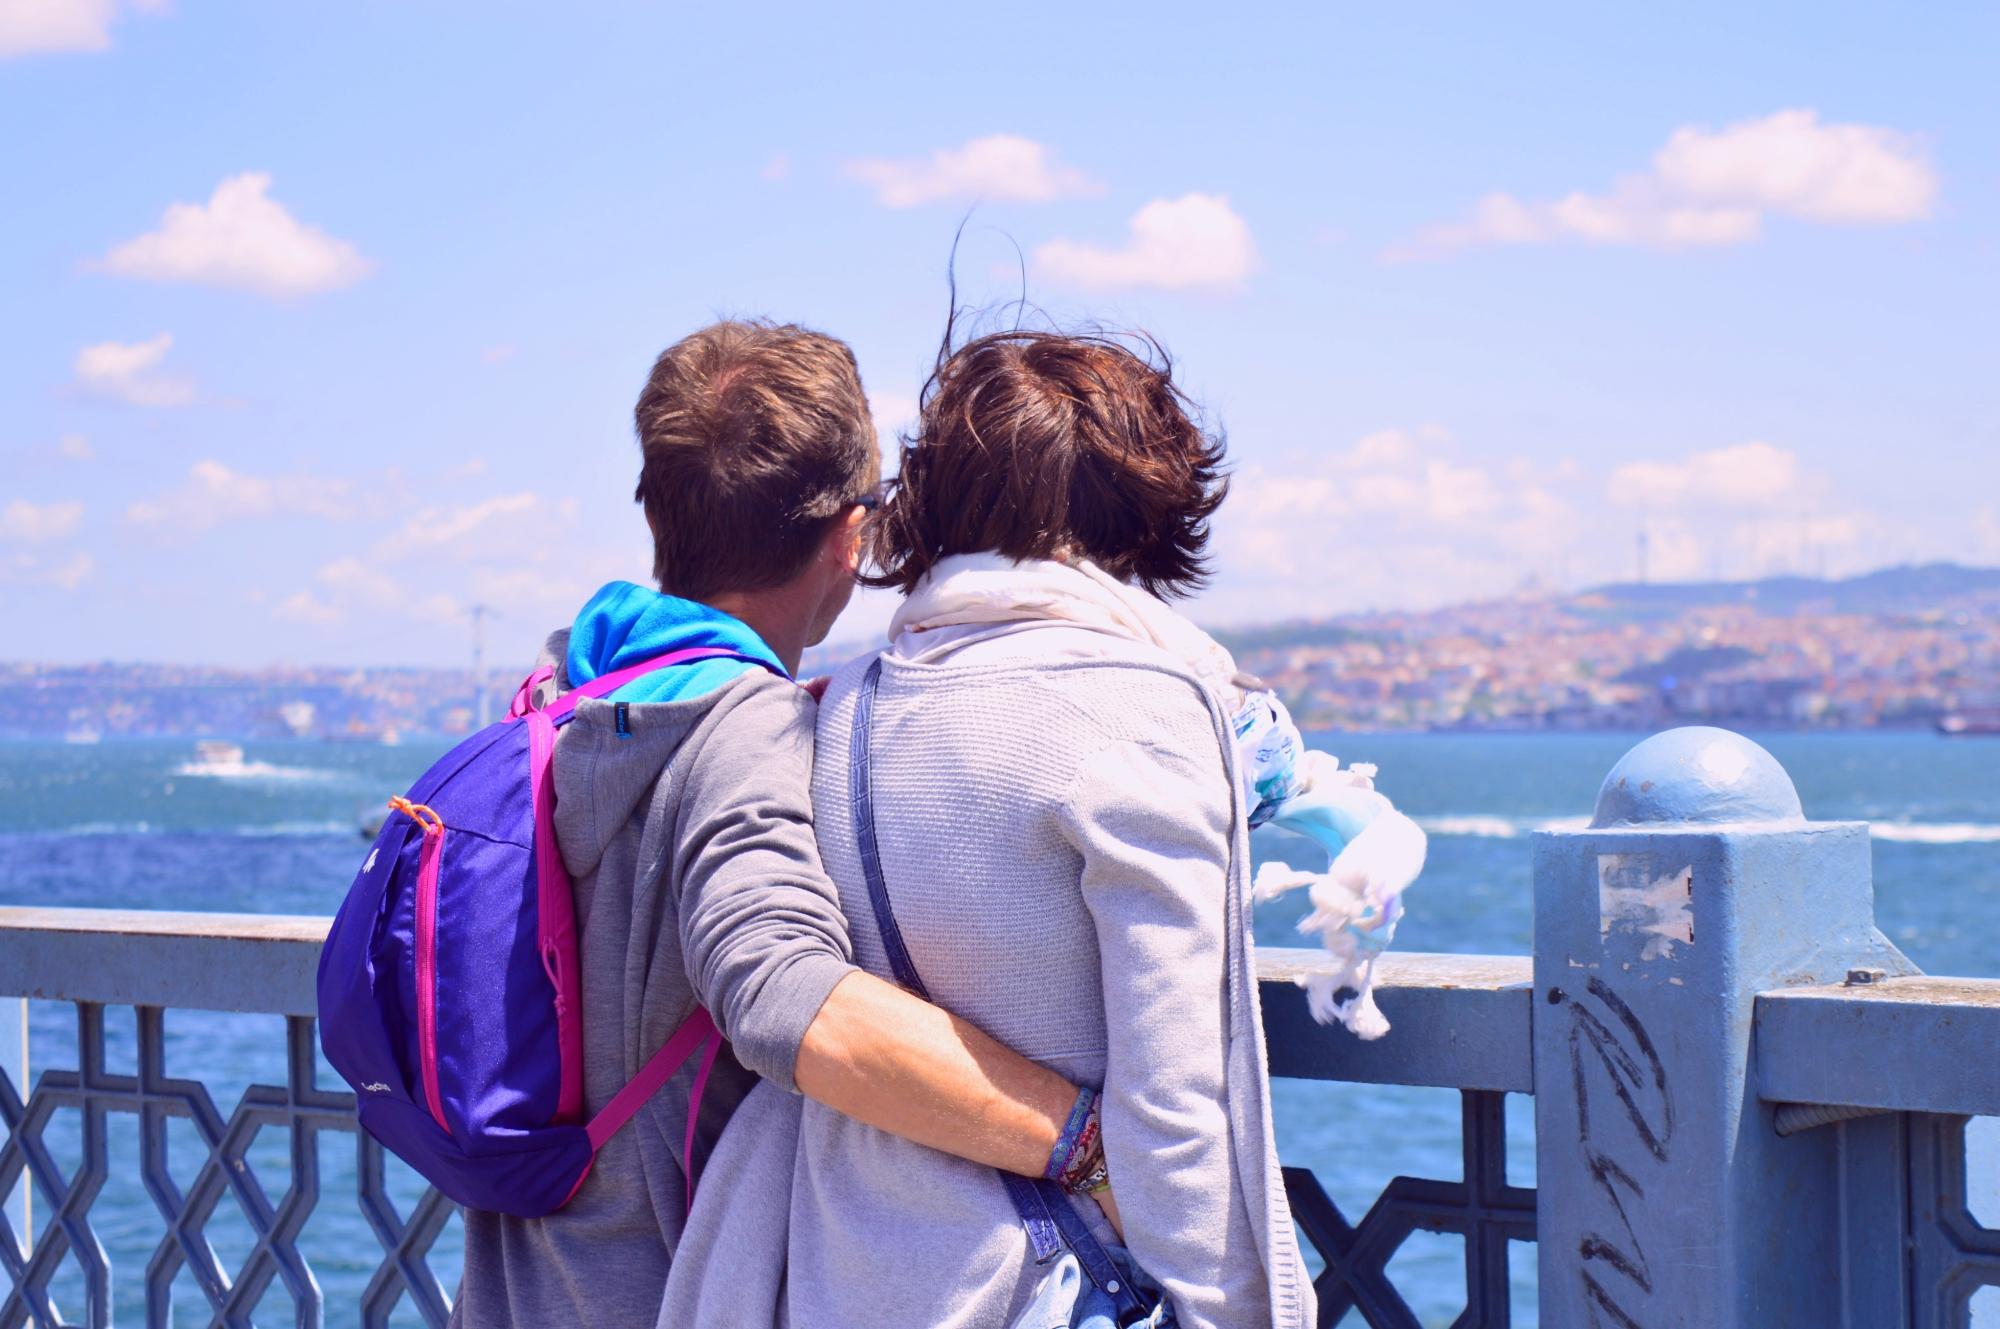 couple galata bridge marmara bosphorus boğaziçi cananche canan çetin travel photograhy together in love istanbul Istanbul Turkey türkiye